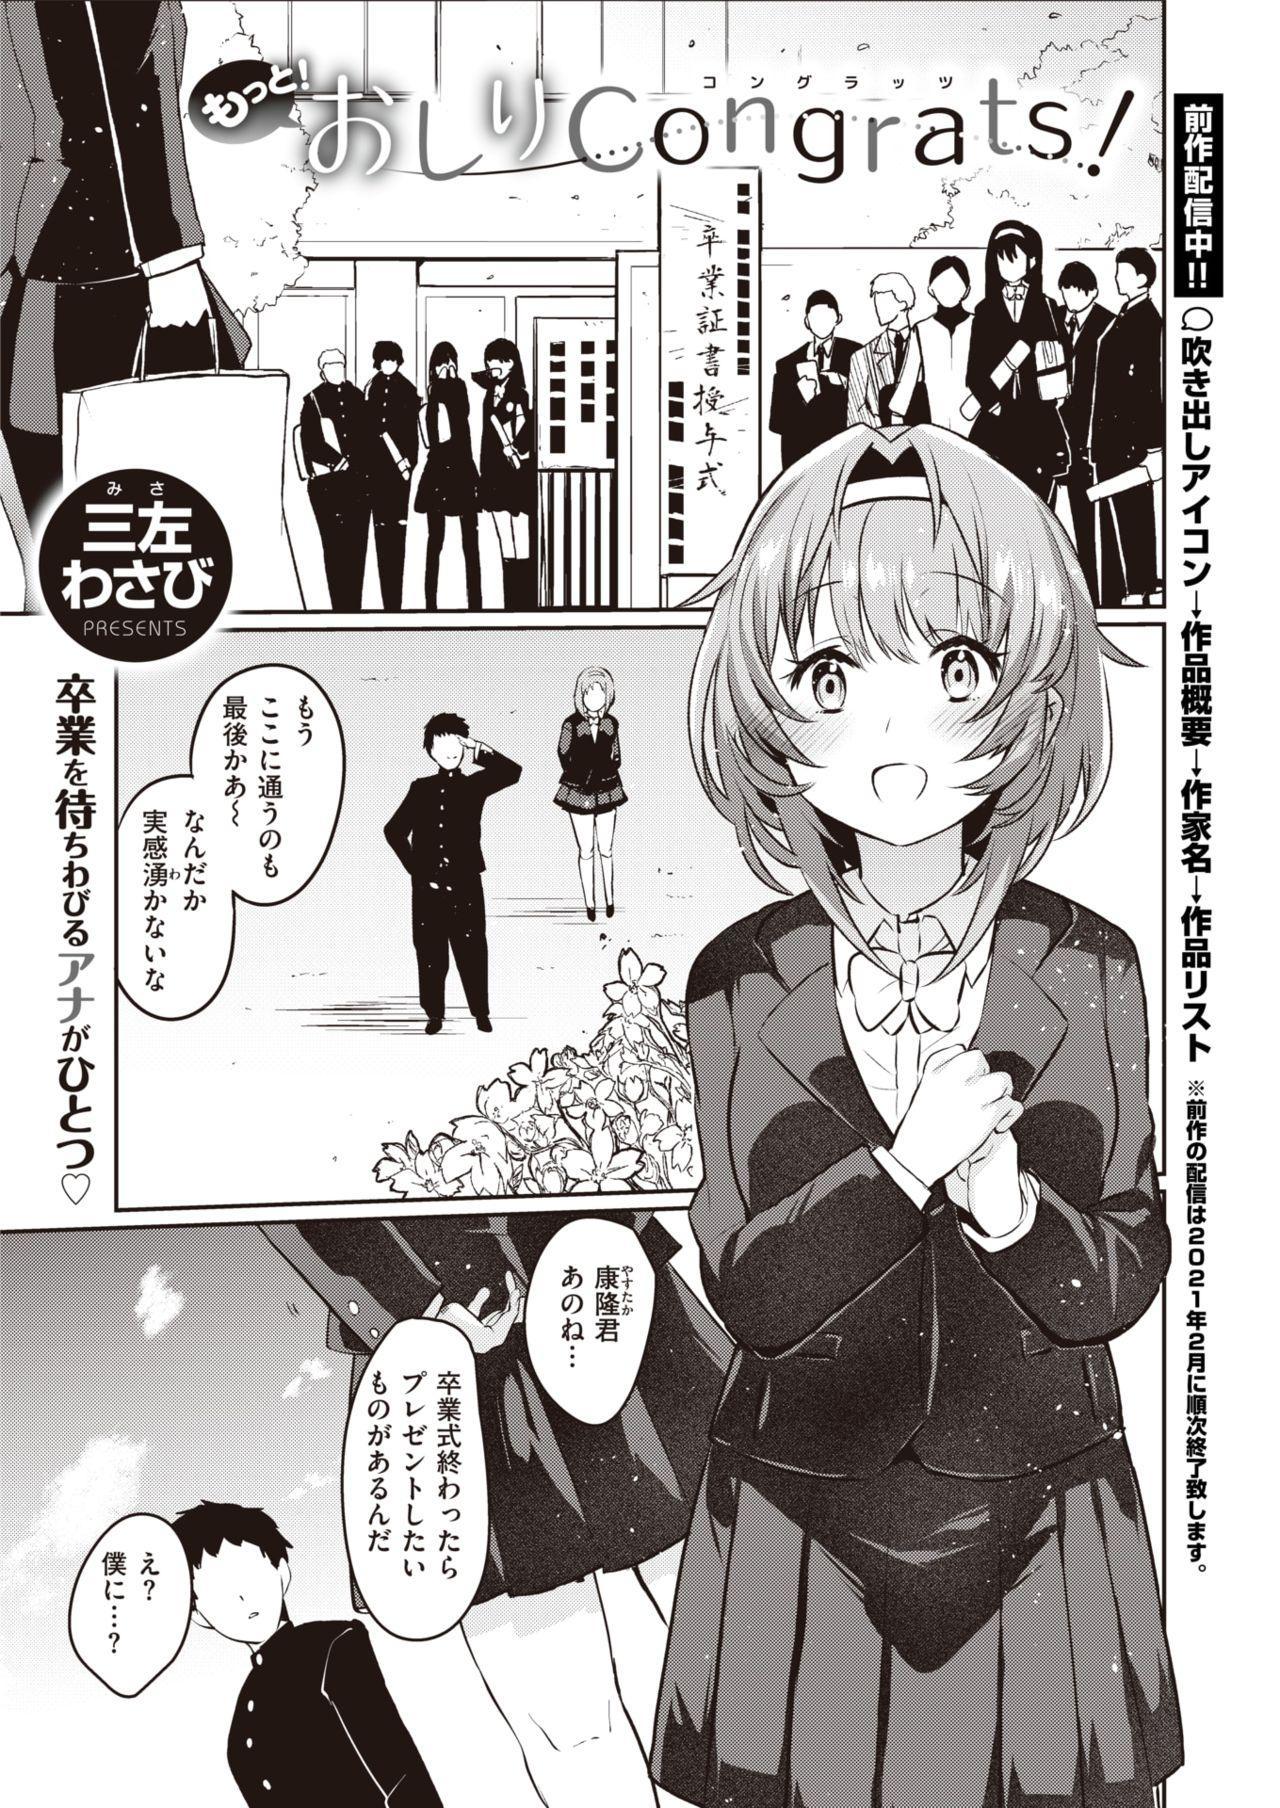 WEEKLY Kairakuten Vol.43 15